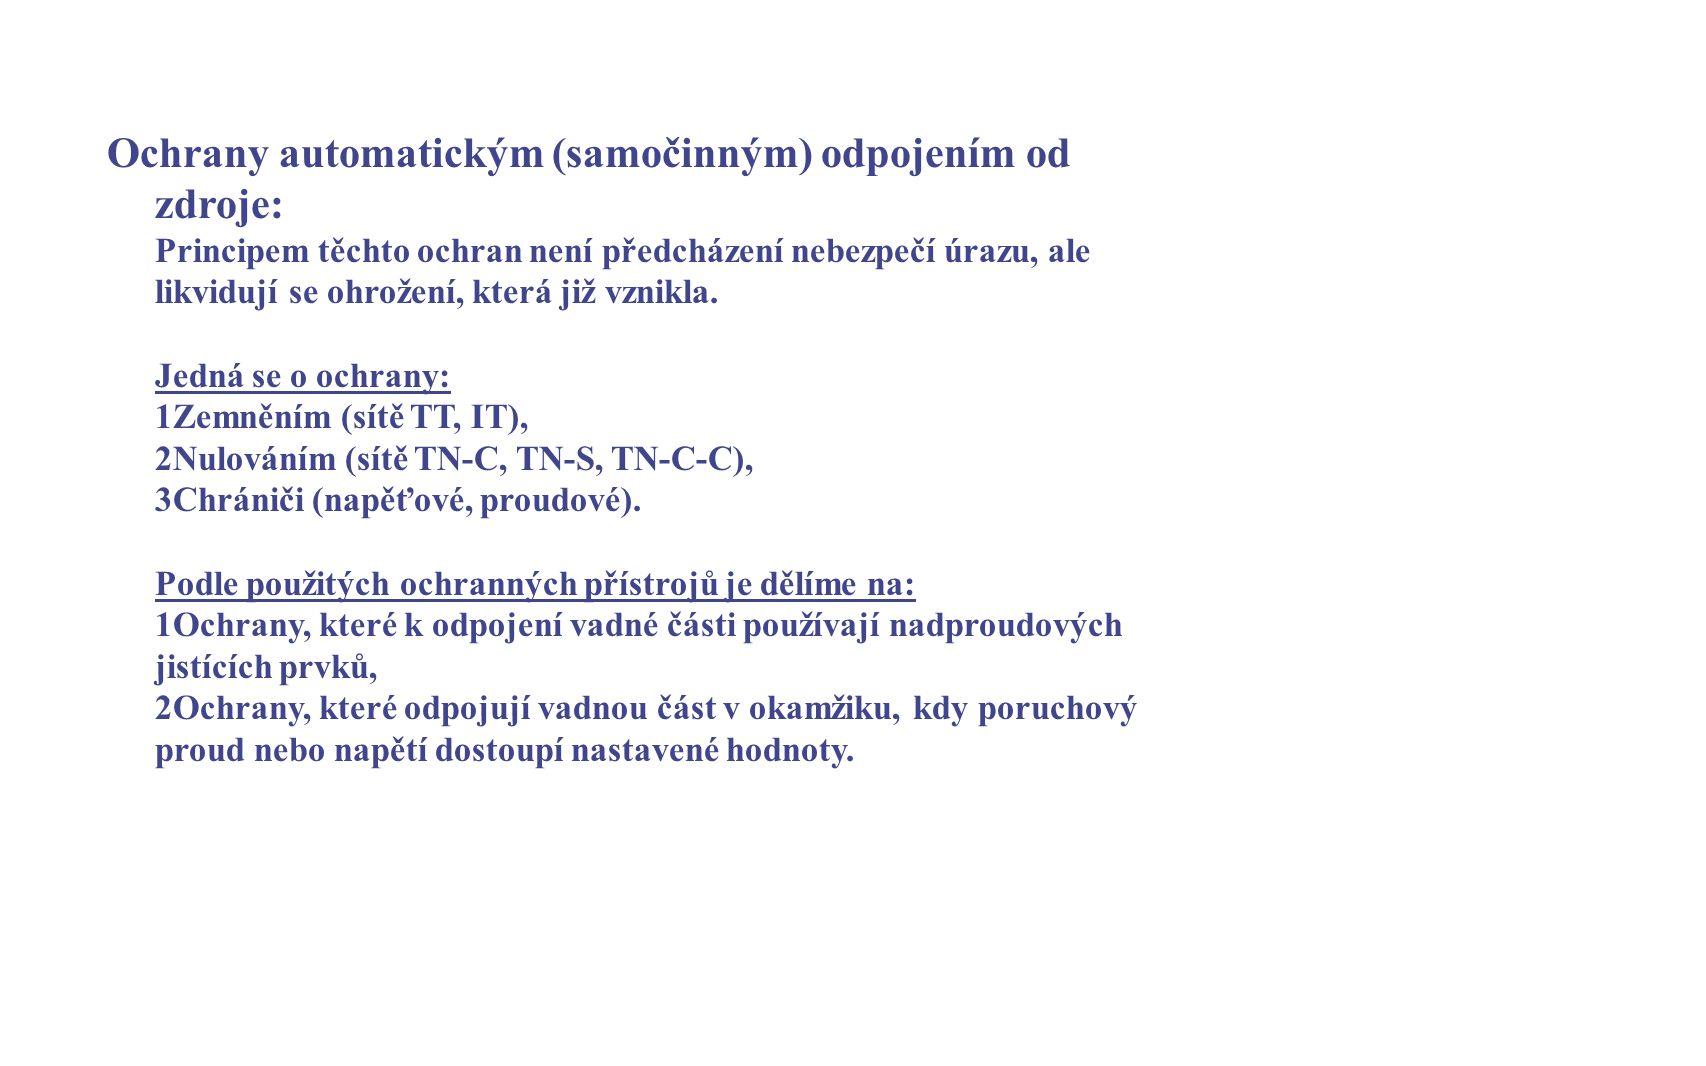 Ochrany automatickým (samočinným) odpojením od zdroje: Principem těchto ochran není předcházení nebezpečí úrazu, ale likvidují se ohrožení, která již